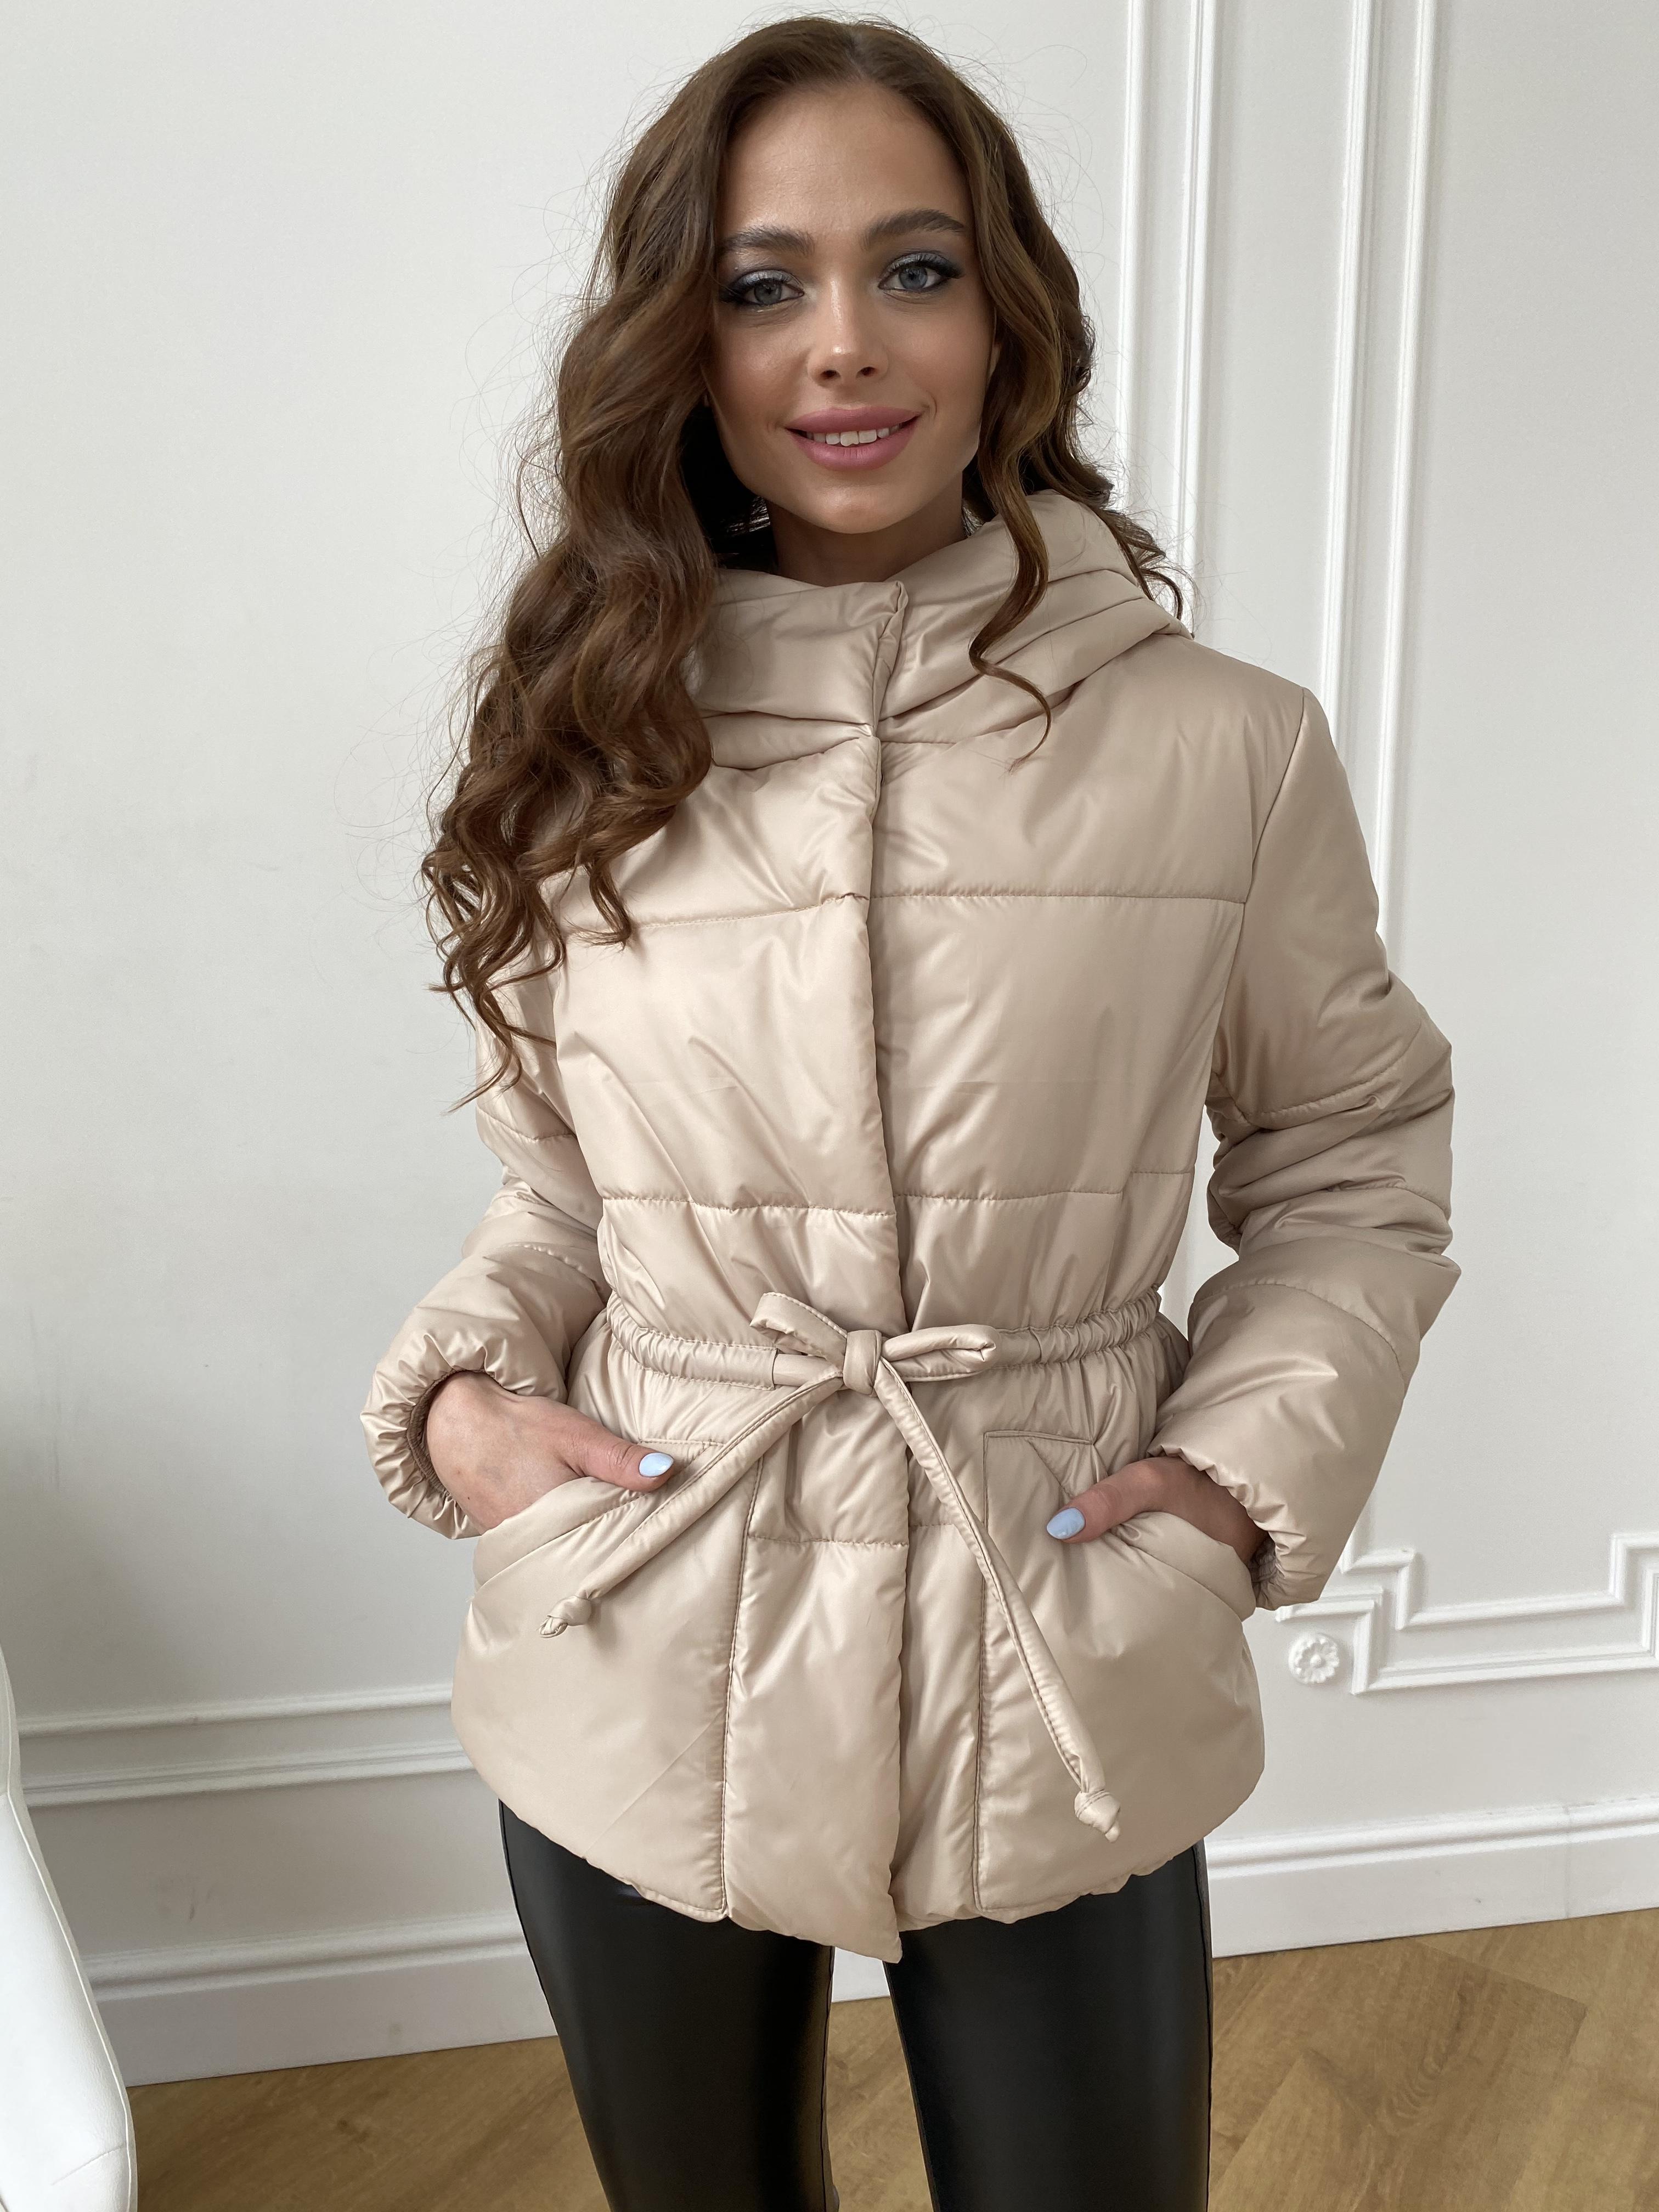 Пино куртка из плащевой ткани 10489 АРТ. 47391 Цвет: Бежевый - фото 10, интернет магазин tm-modus.ru